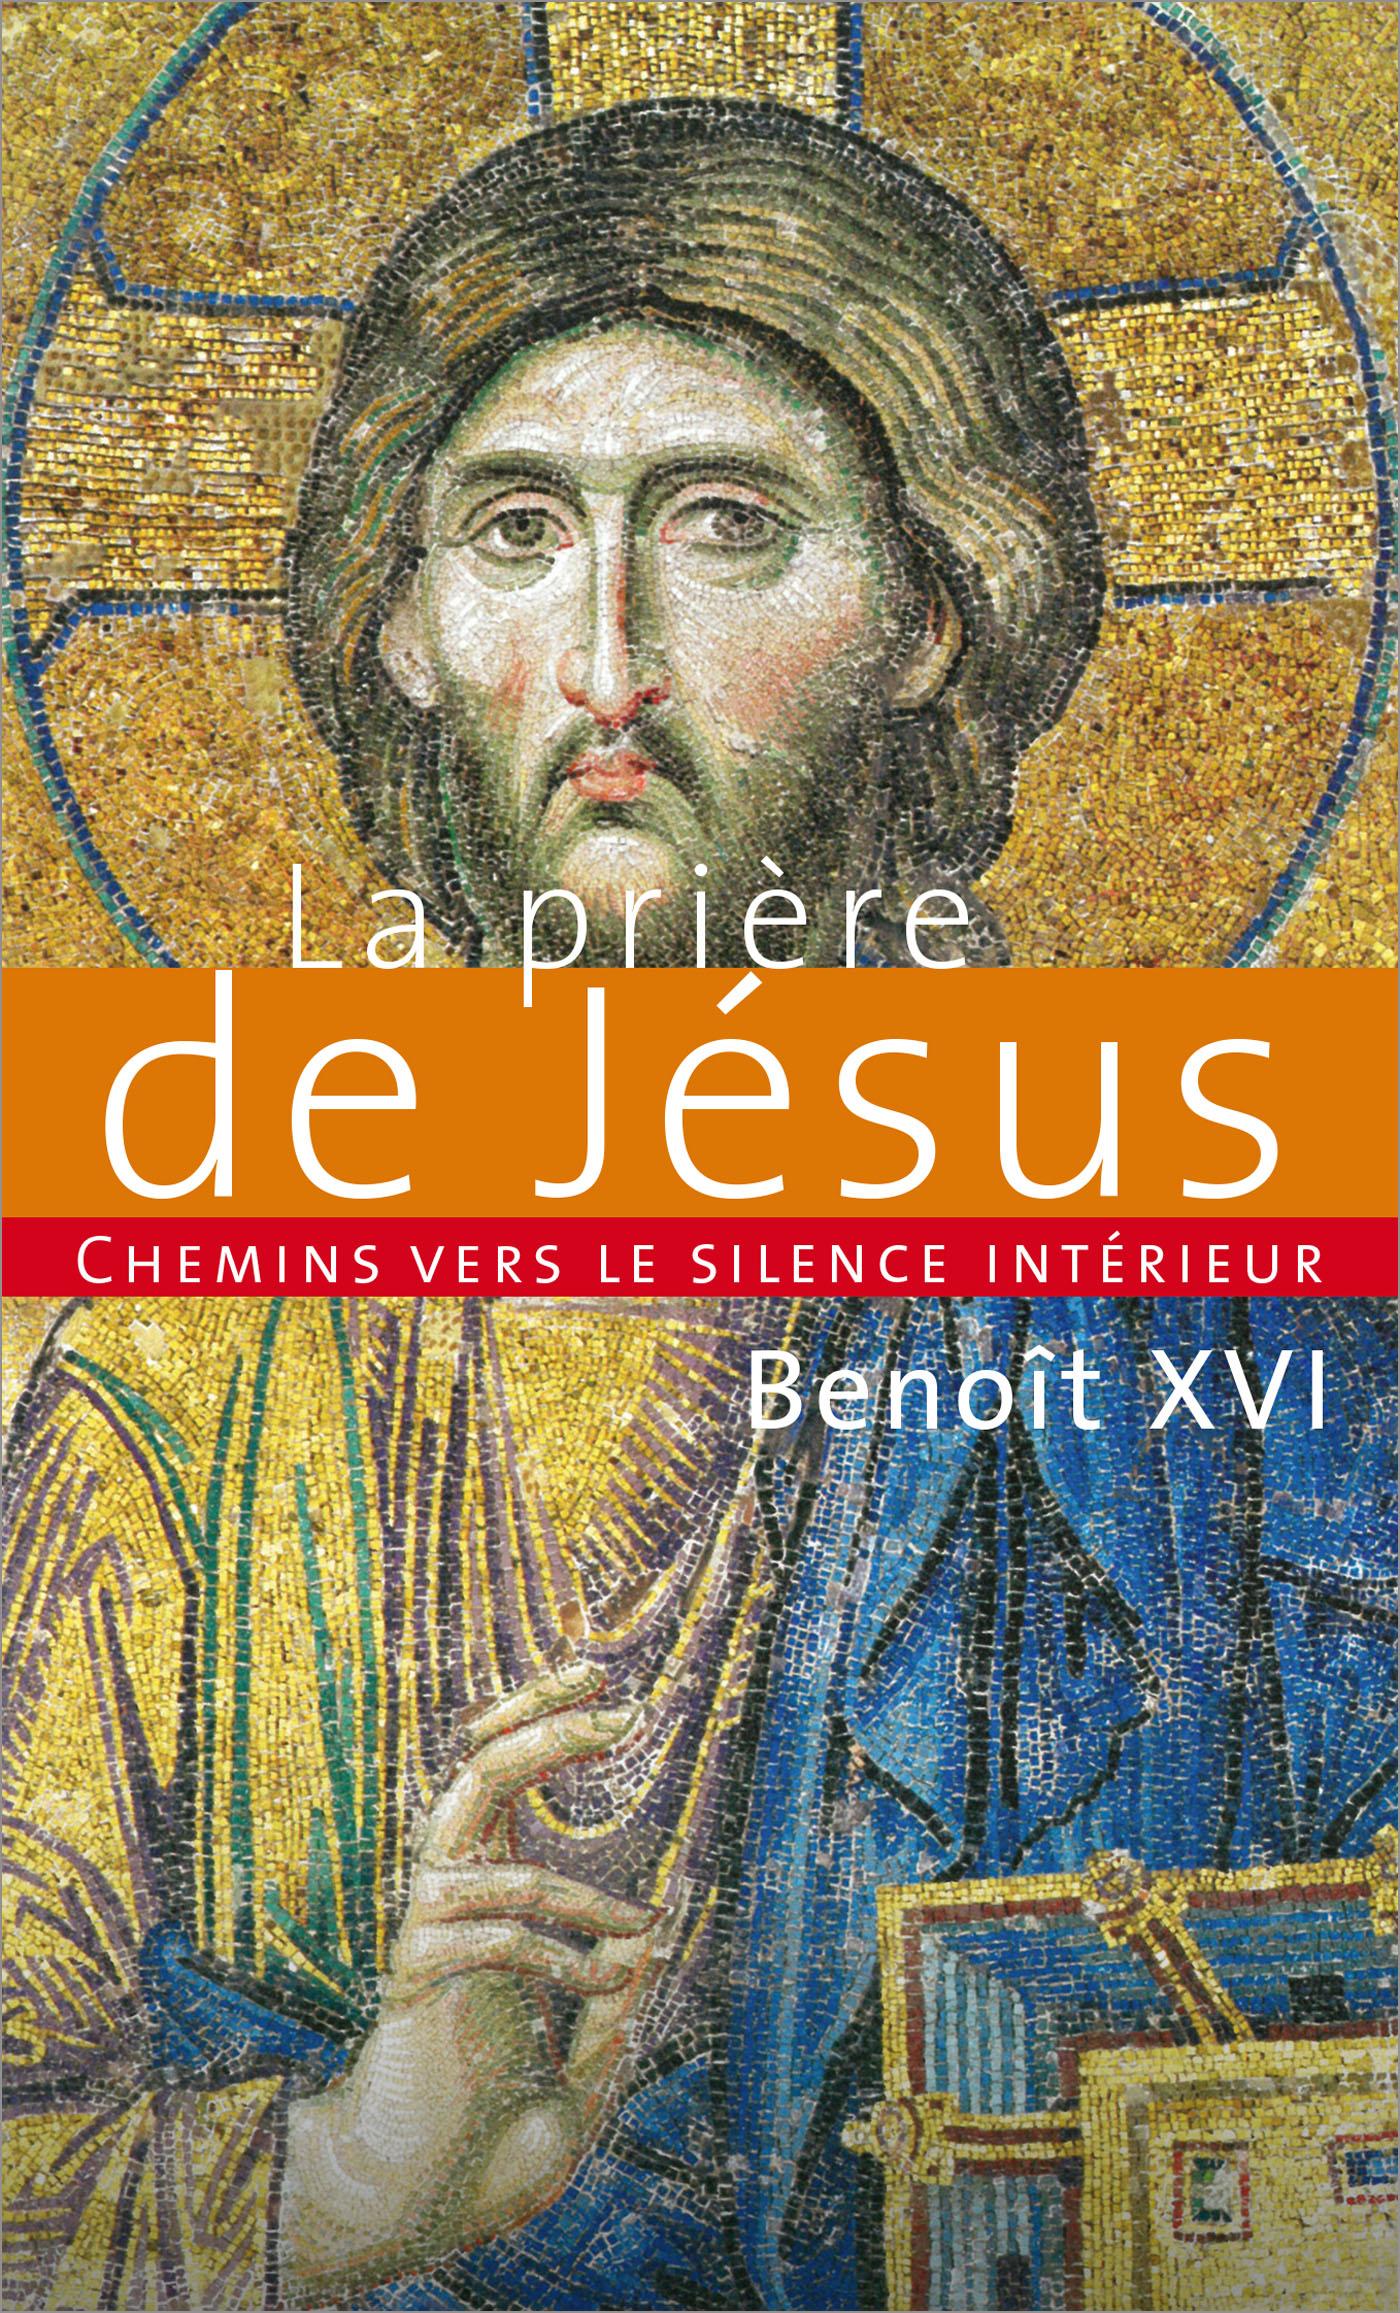 Chemins vers le silence intérieur avec la prière de Jésus